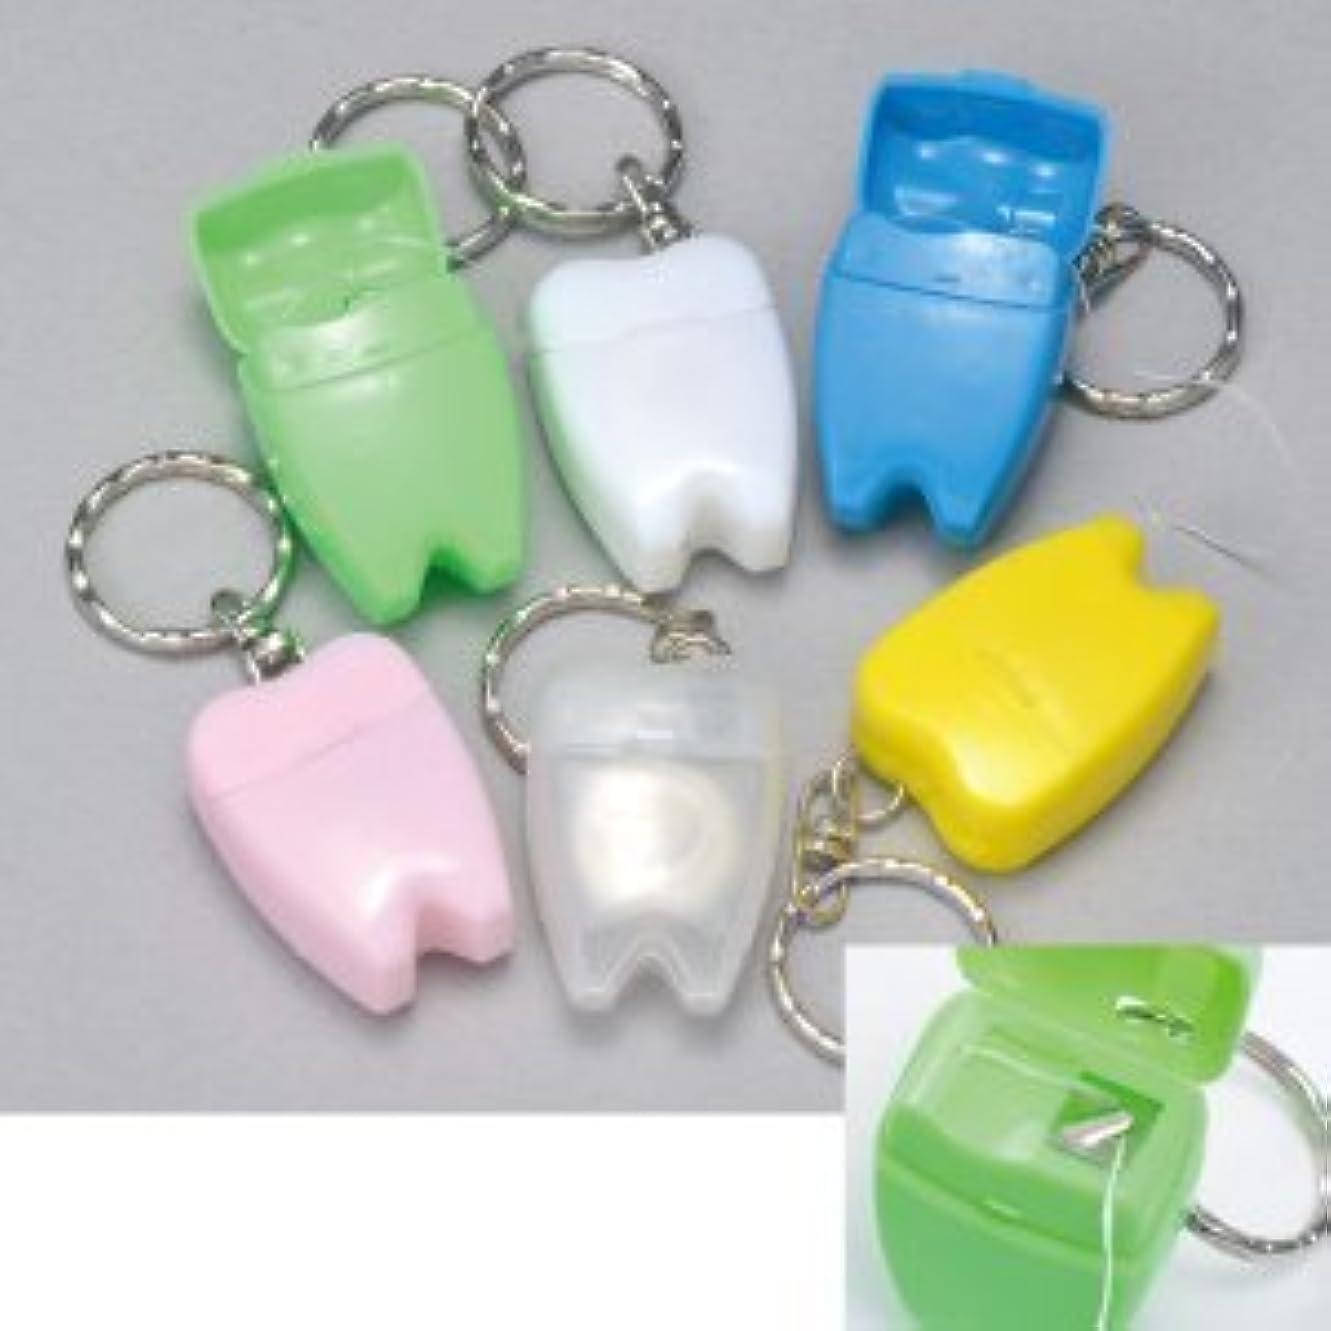 征服者繰り返し人間歯型デンタルフロス キーホルダー 1個 (さくら色)